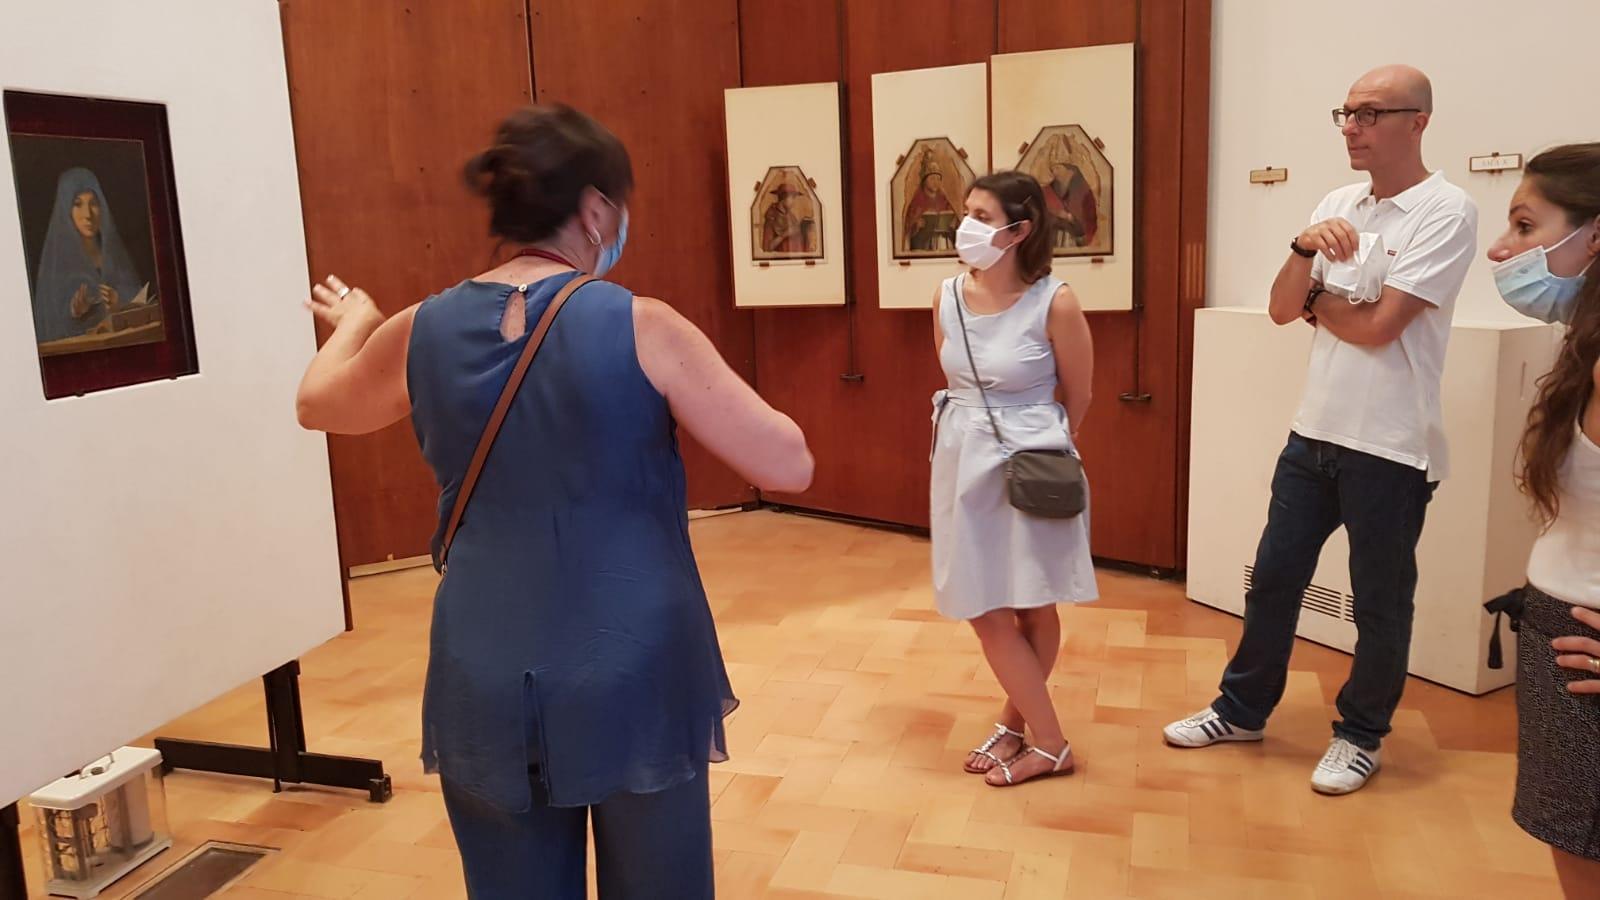 A Palermo 15 mila presenze per RestArt: le visite in notturna ai siti culturali